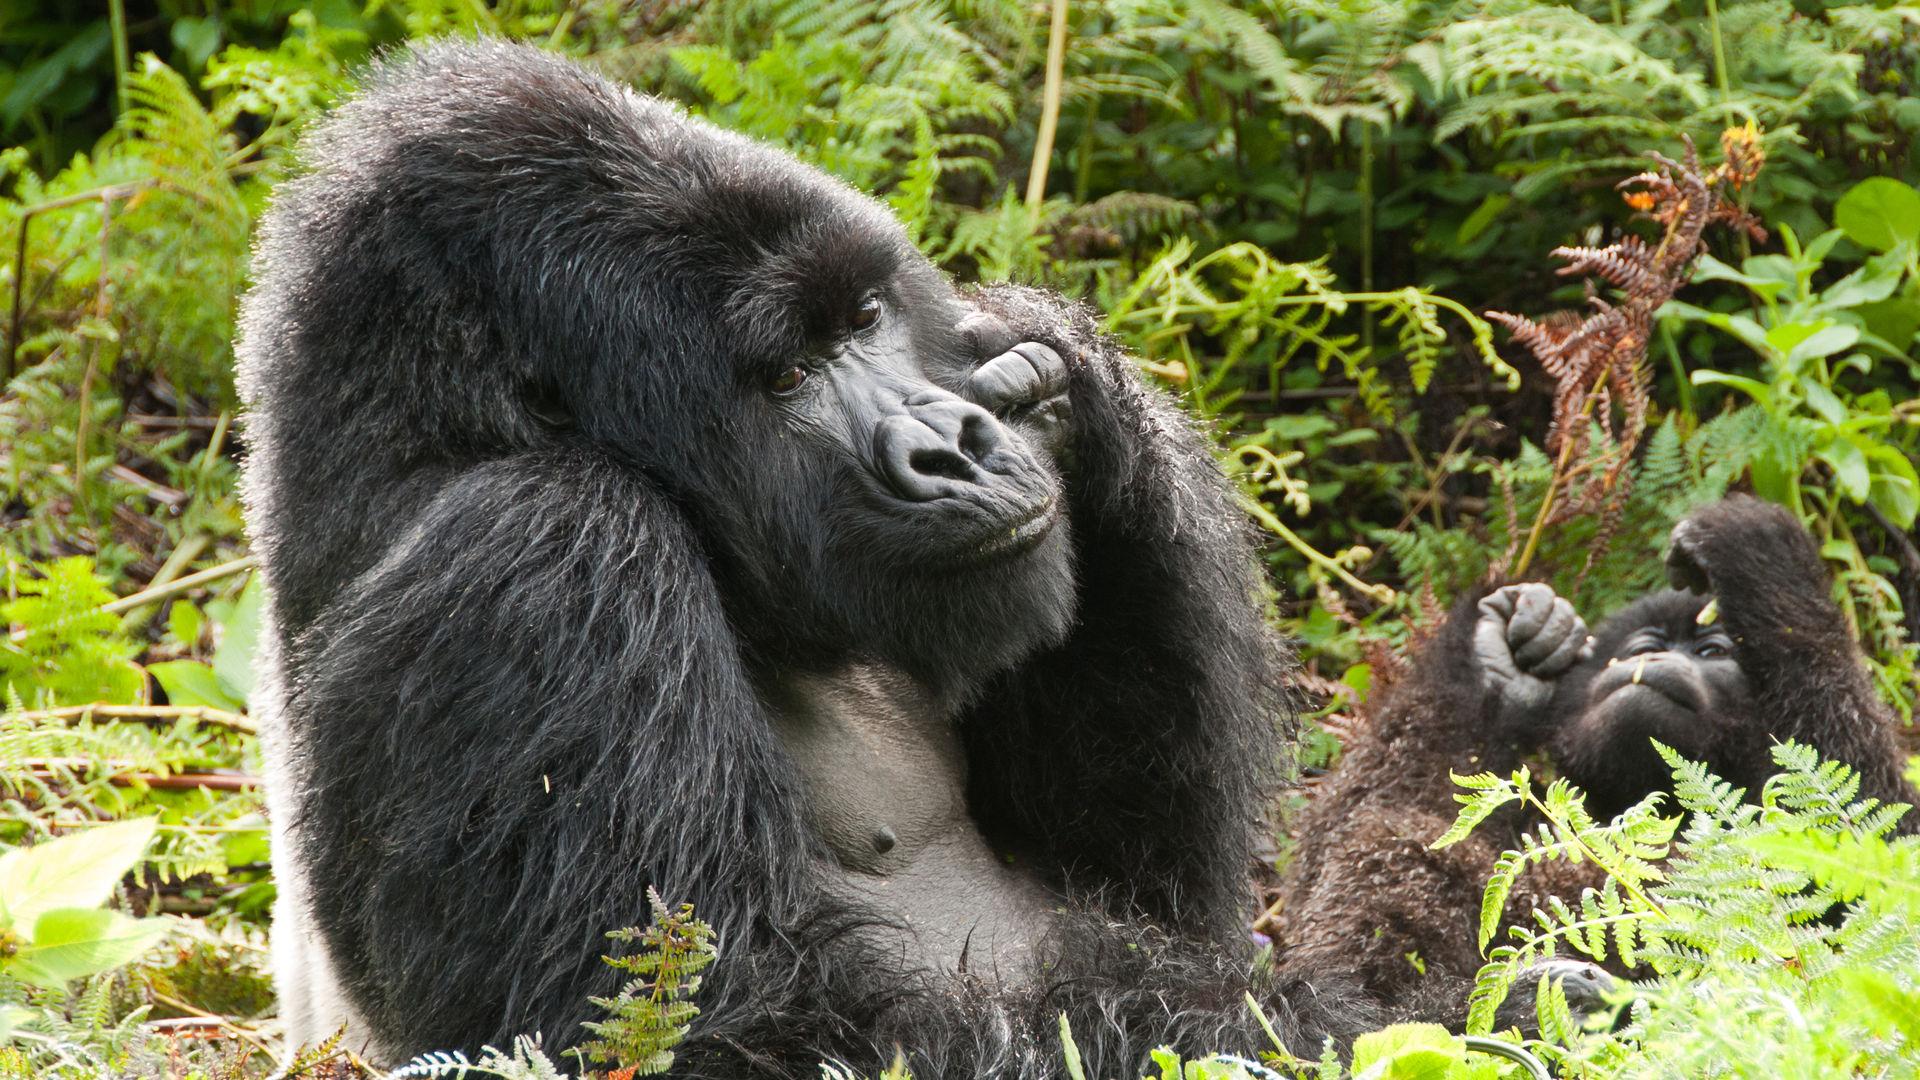 korte safari Oeganda – individuele prive reis – 1 week Uganda